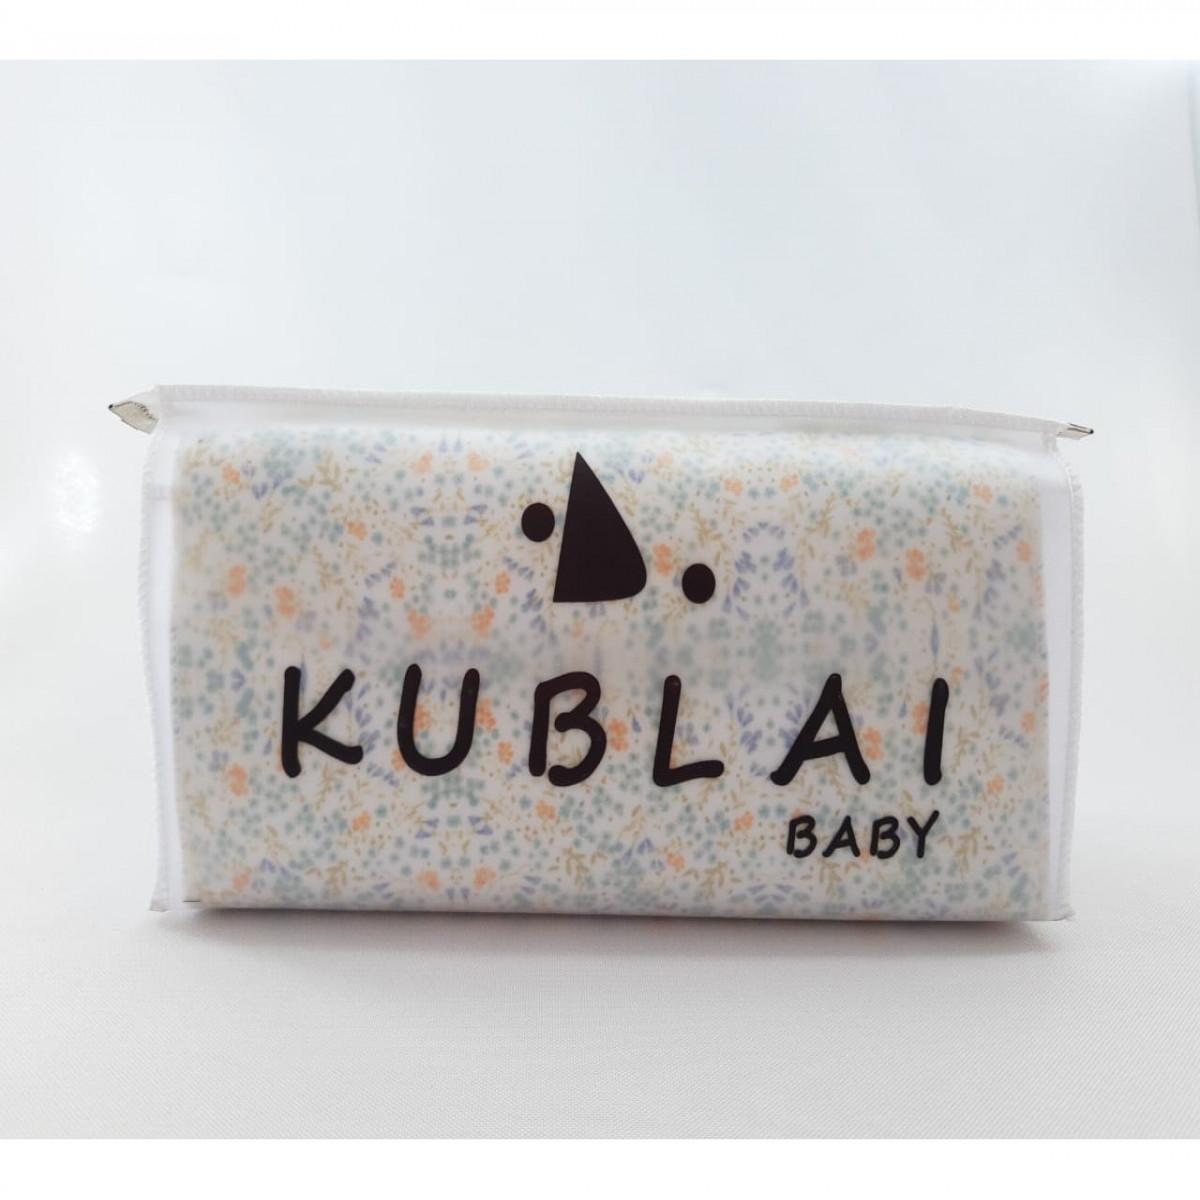 Toallon en estuche Kublai blanco